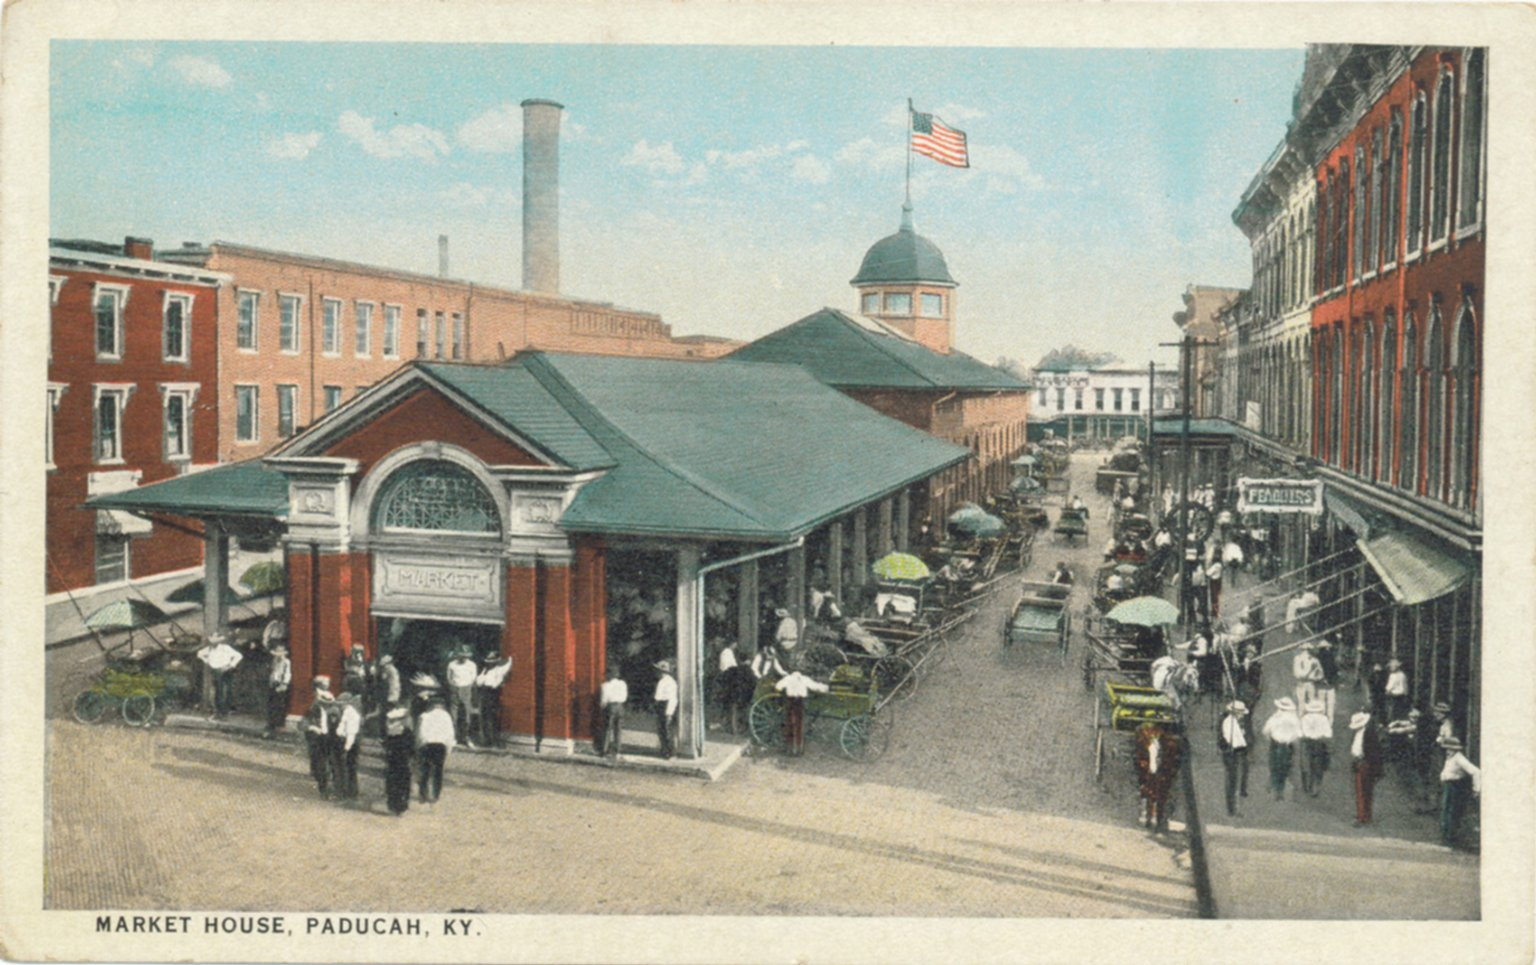 Market House, Paducah, KY.